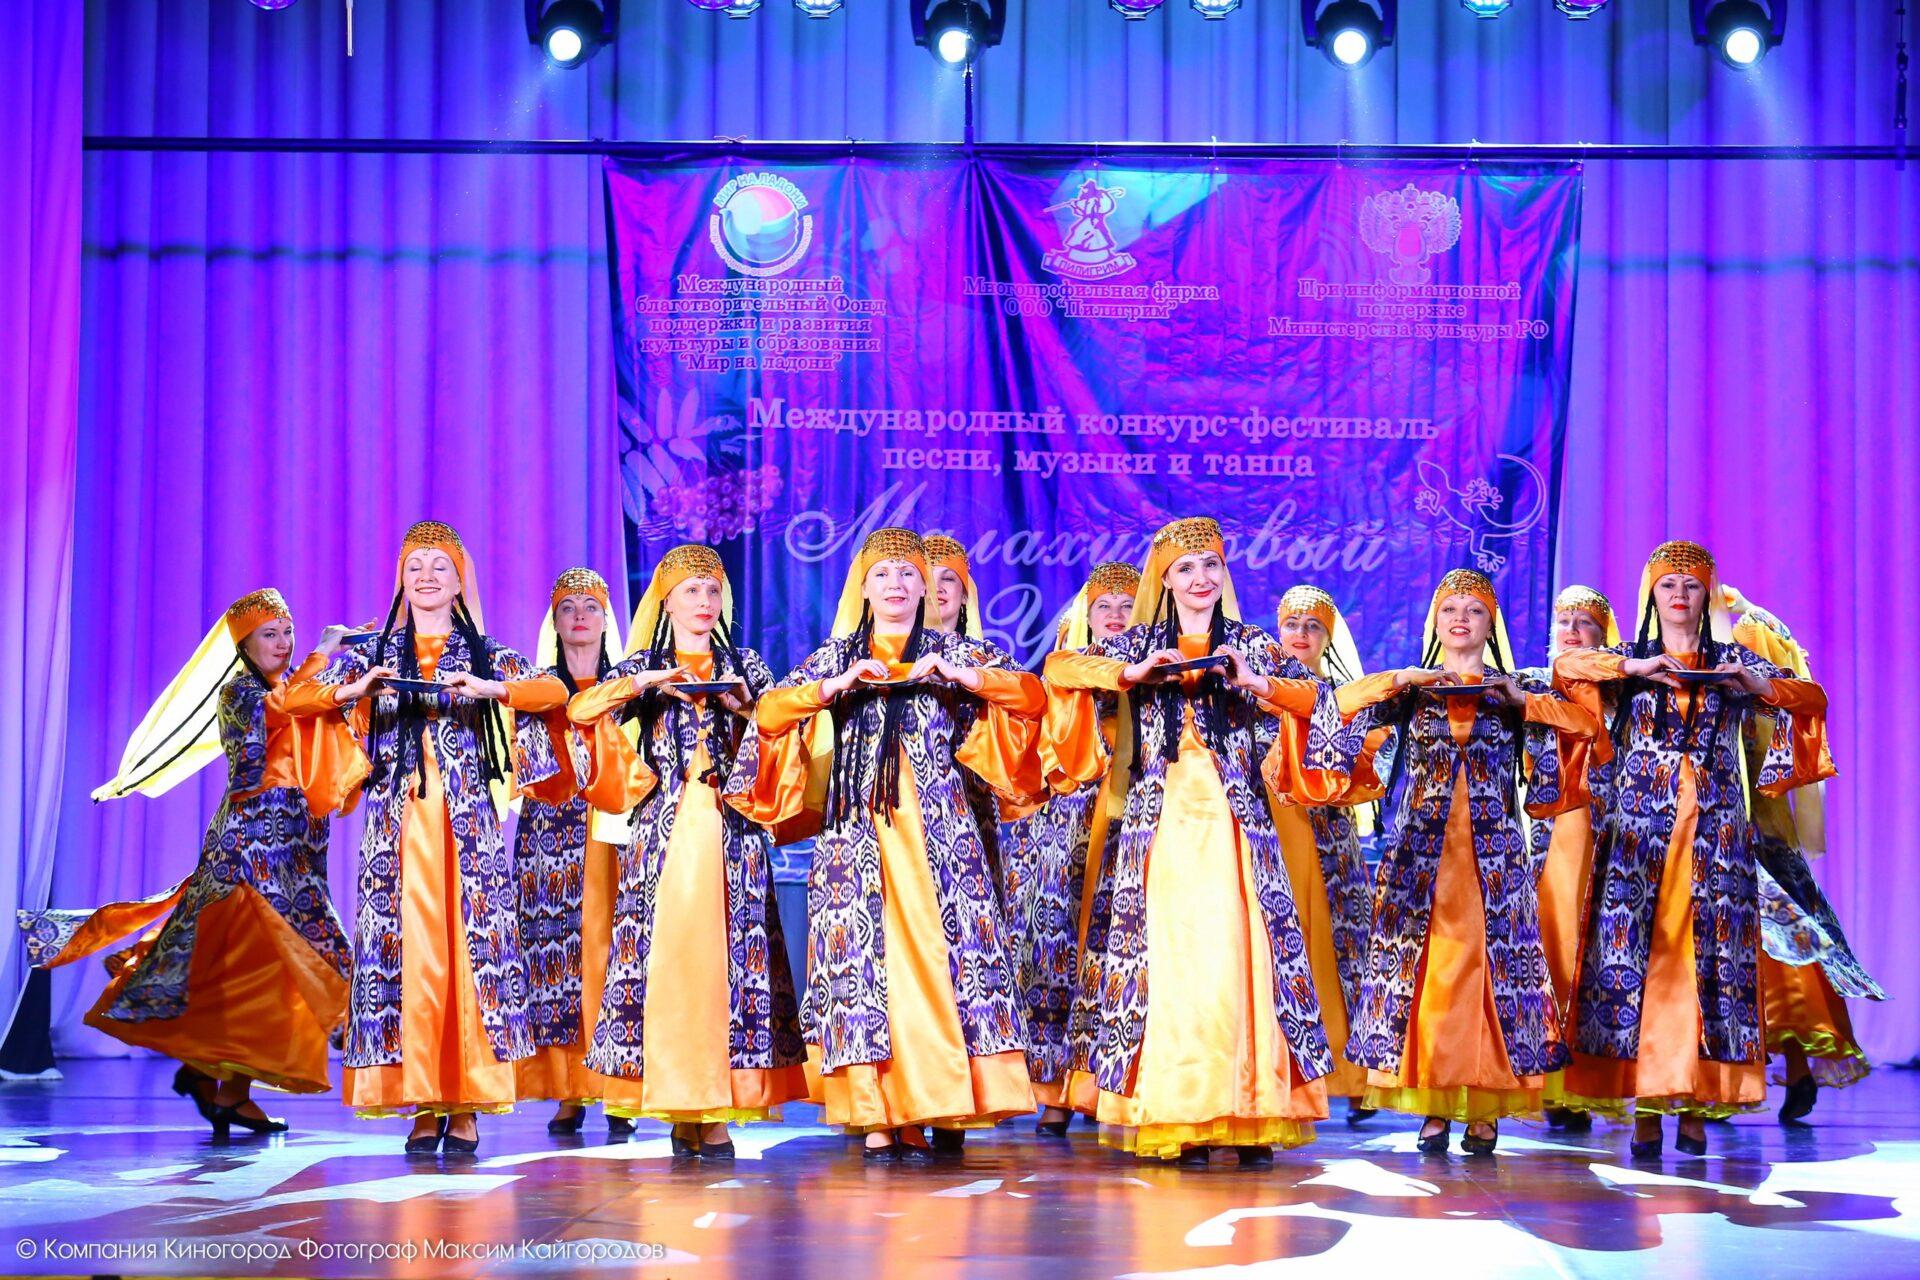 конкурс-фестиваль екатеринбург